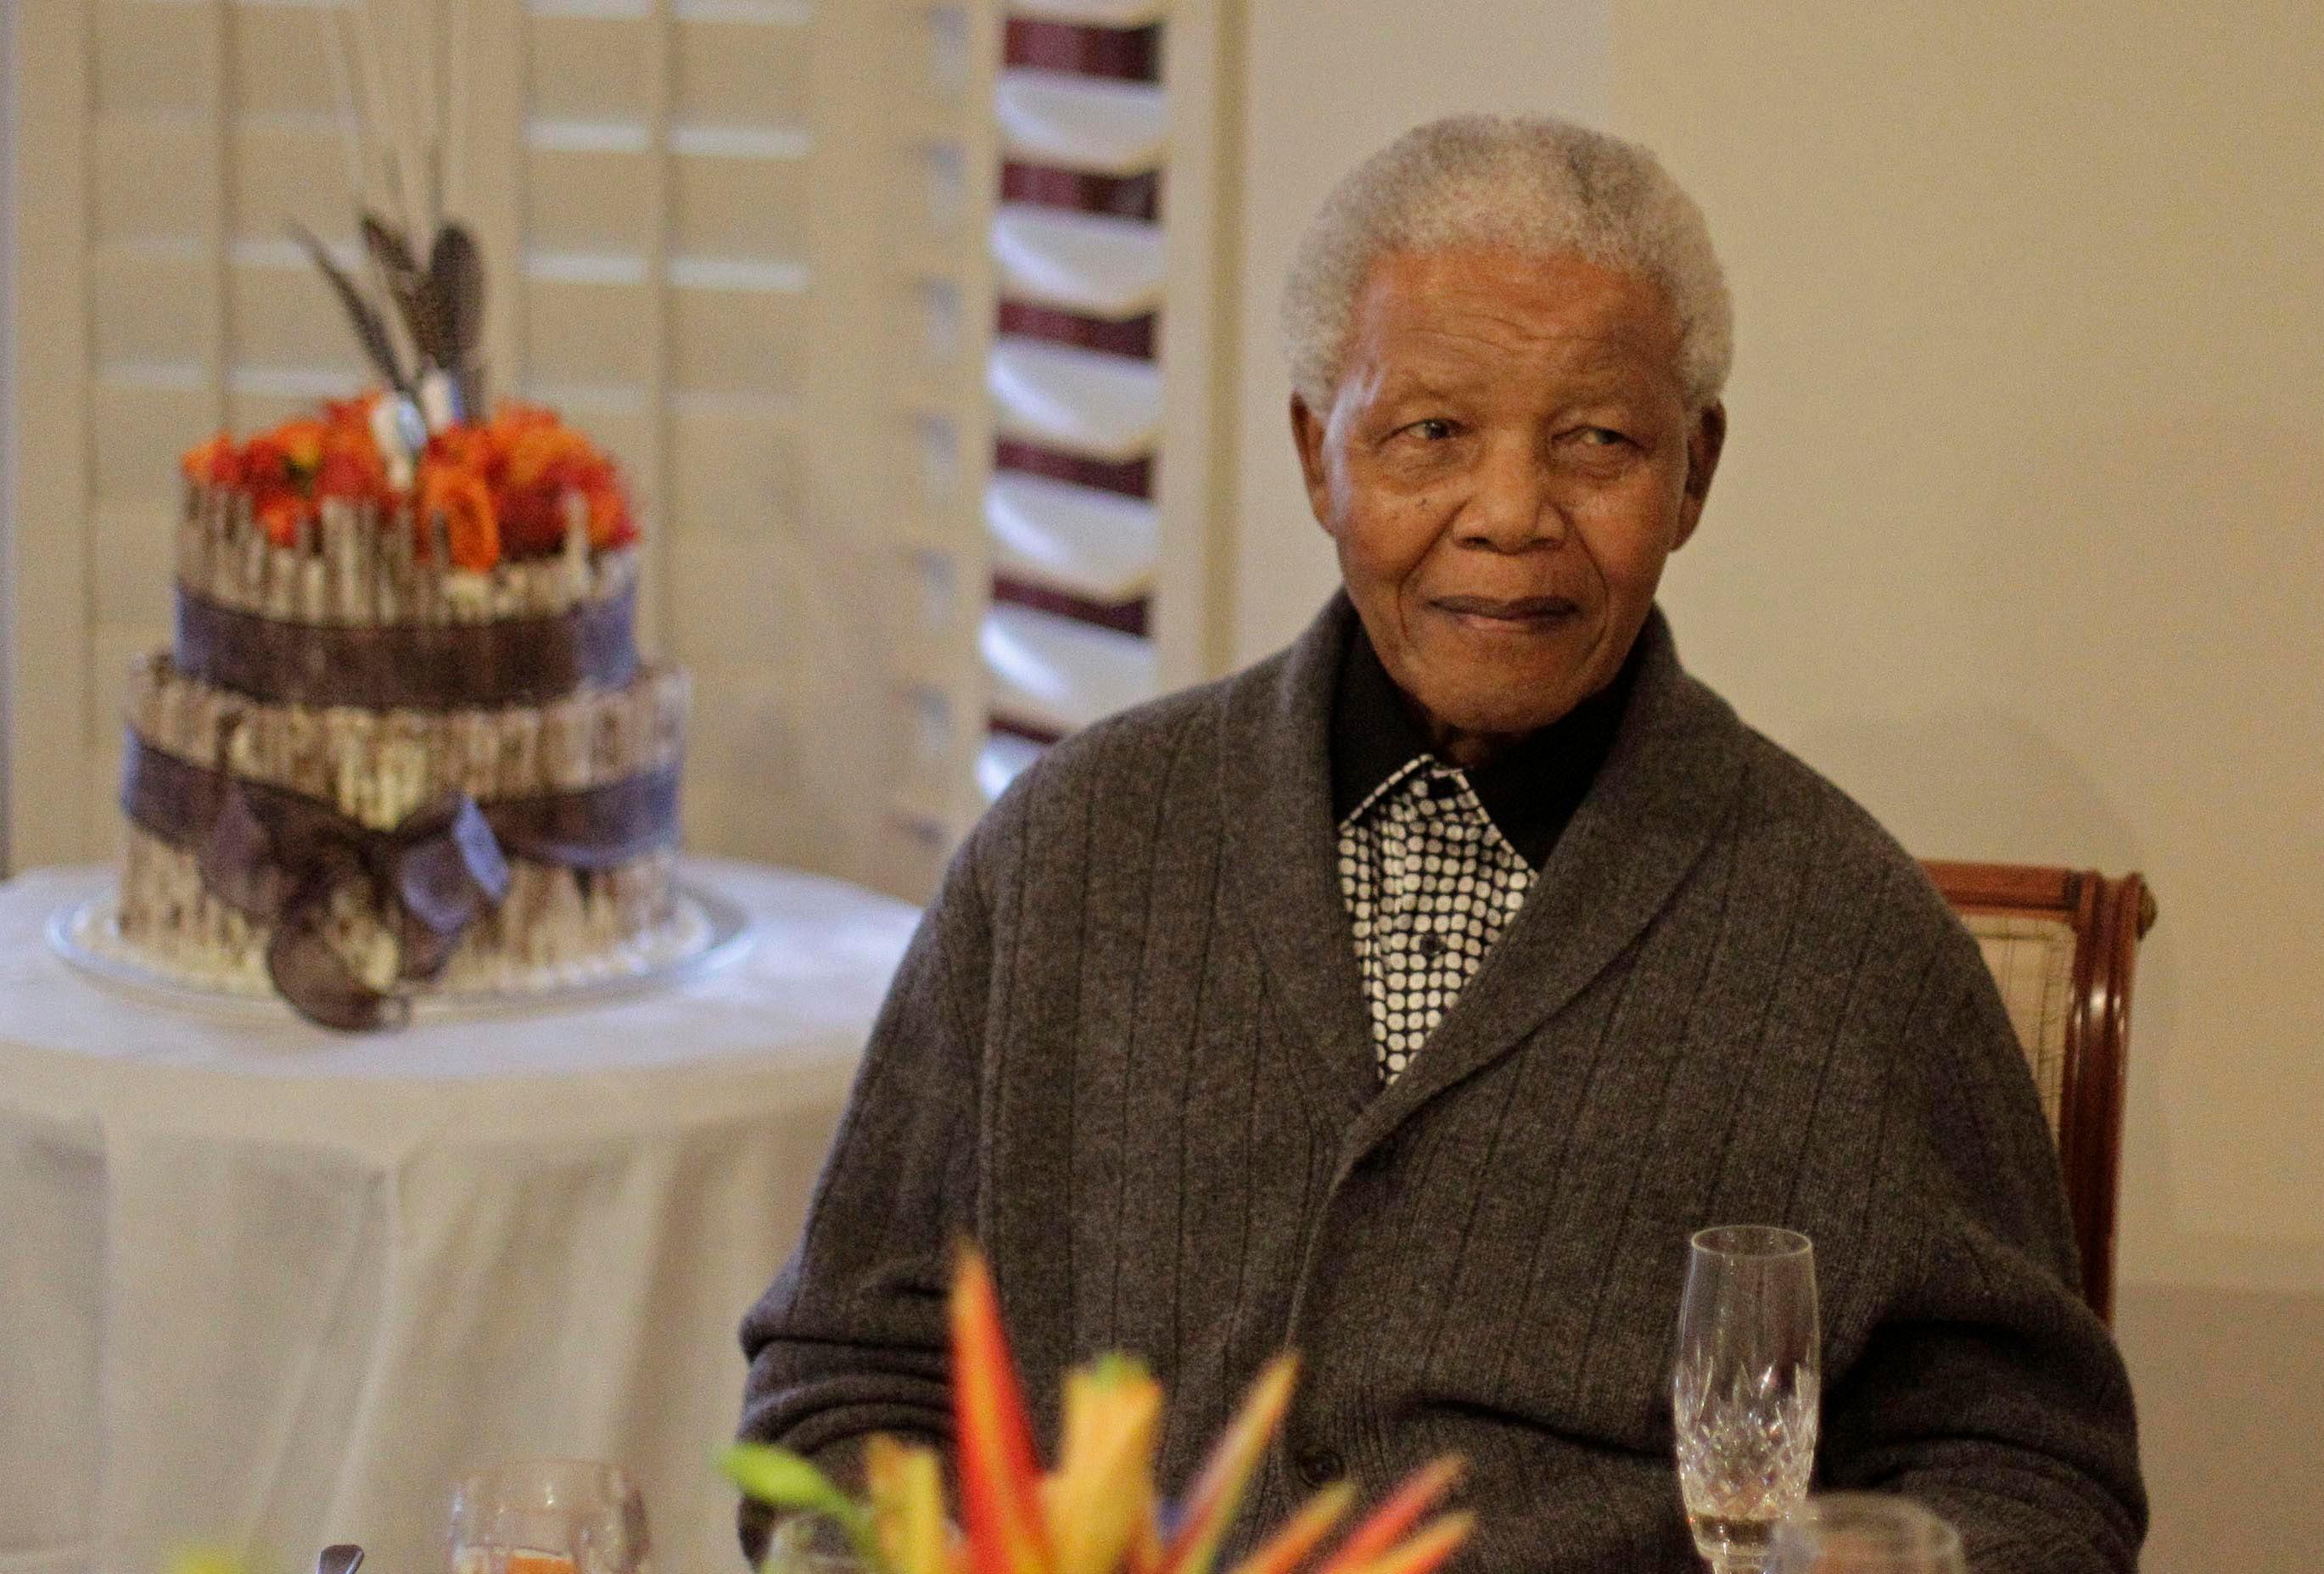 Mandela, in his own words